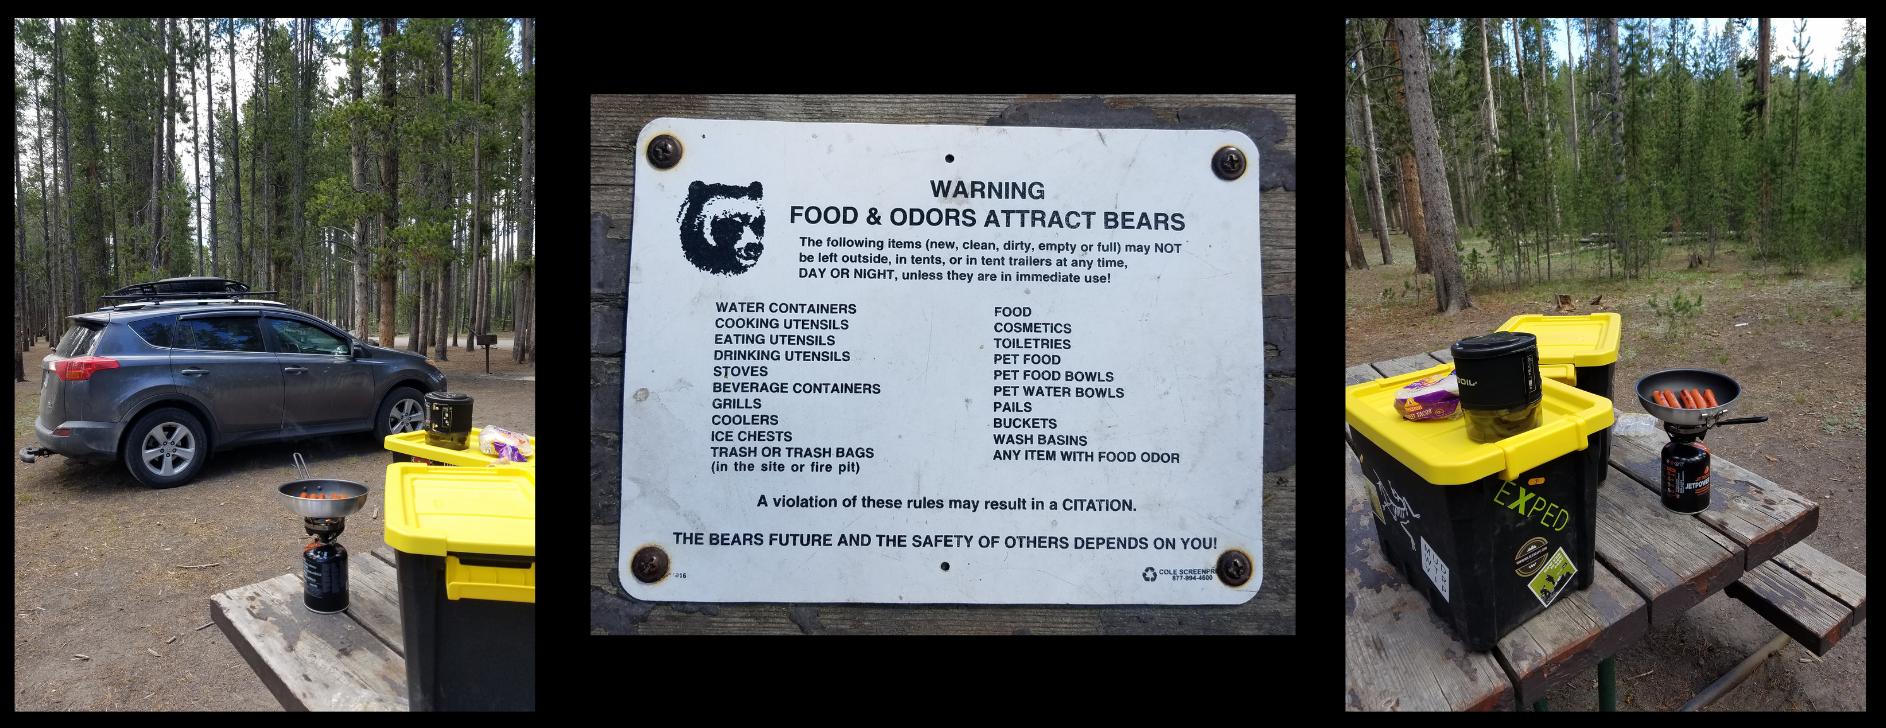 Making-food-at-Yellowstone